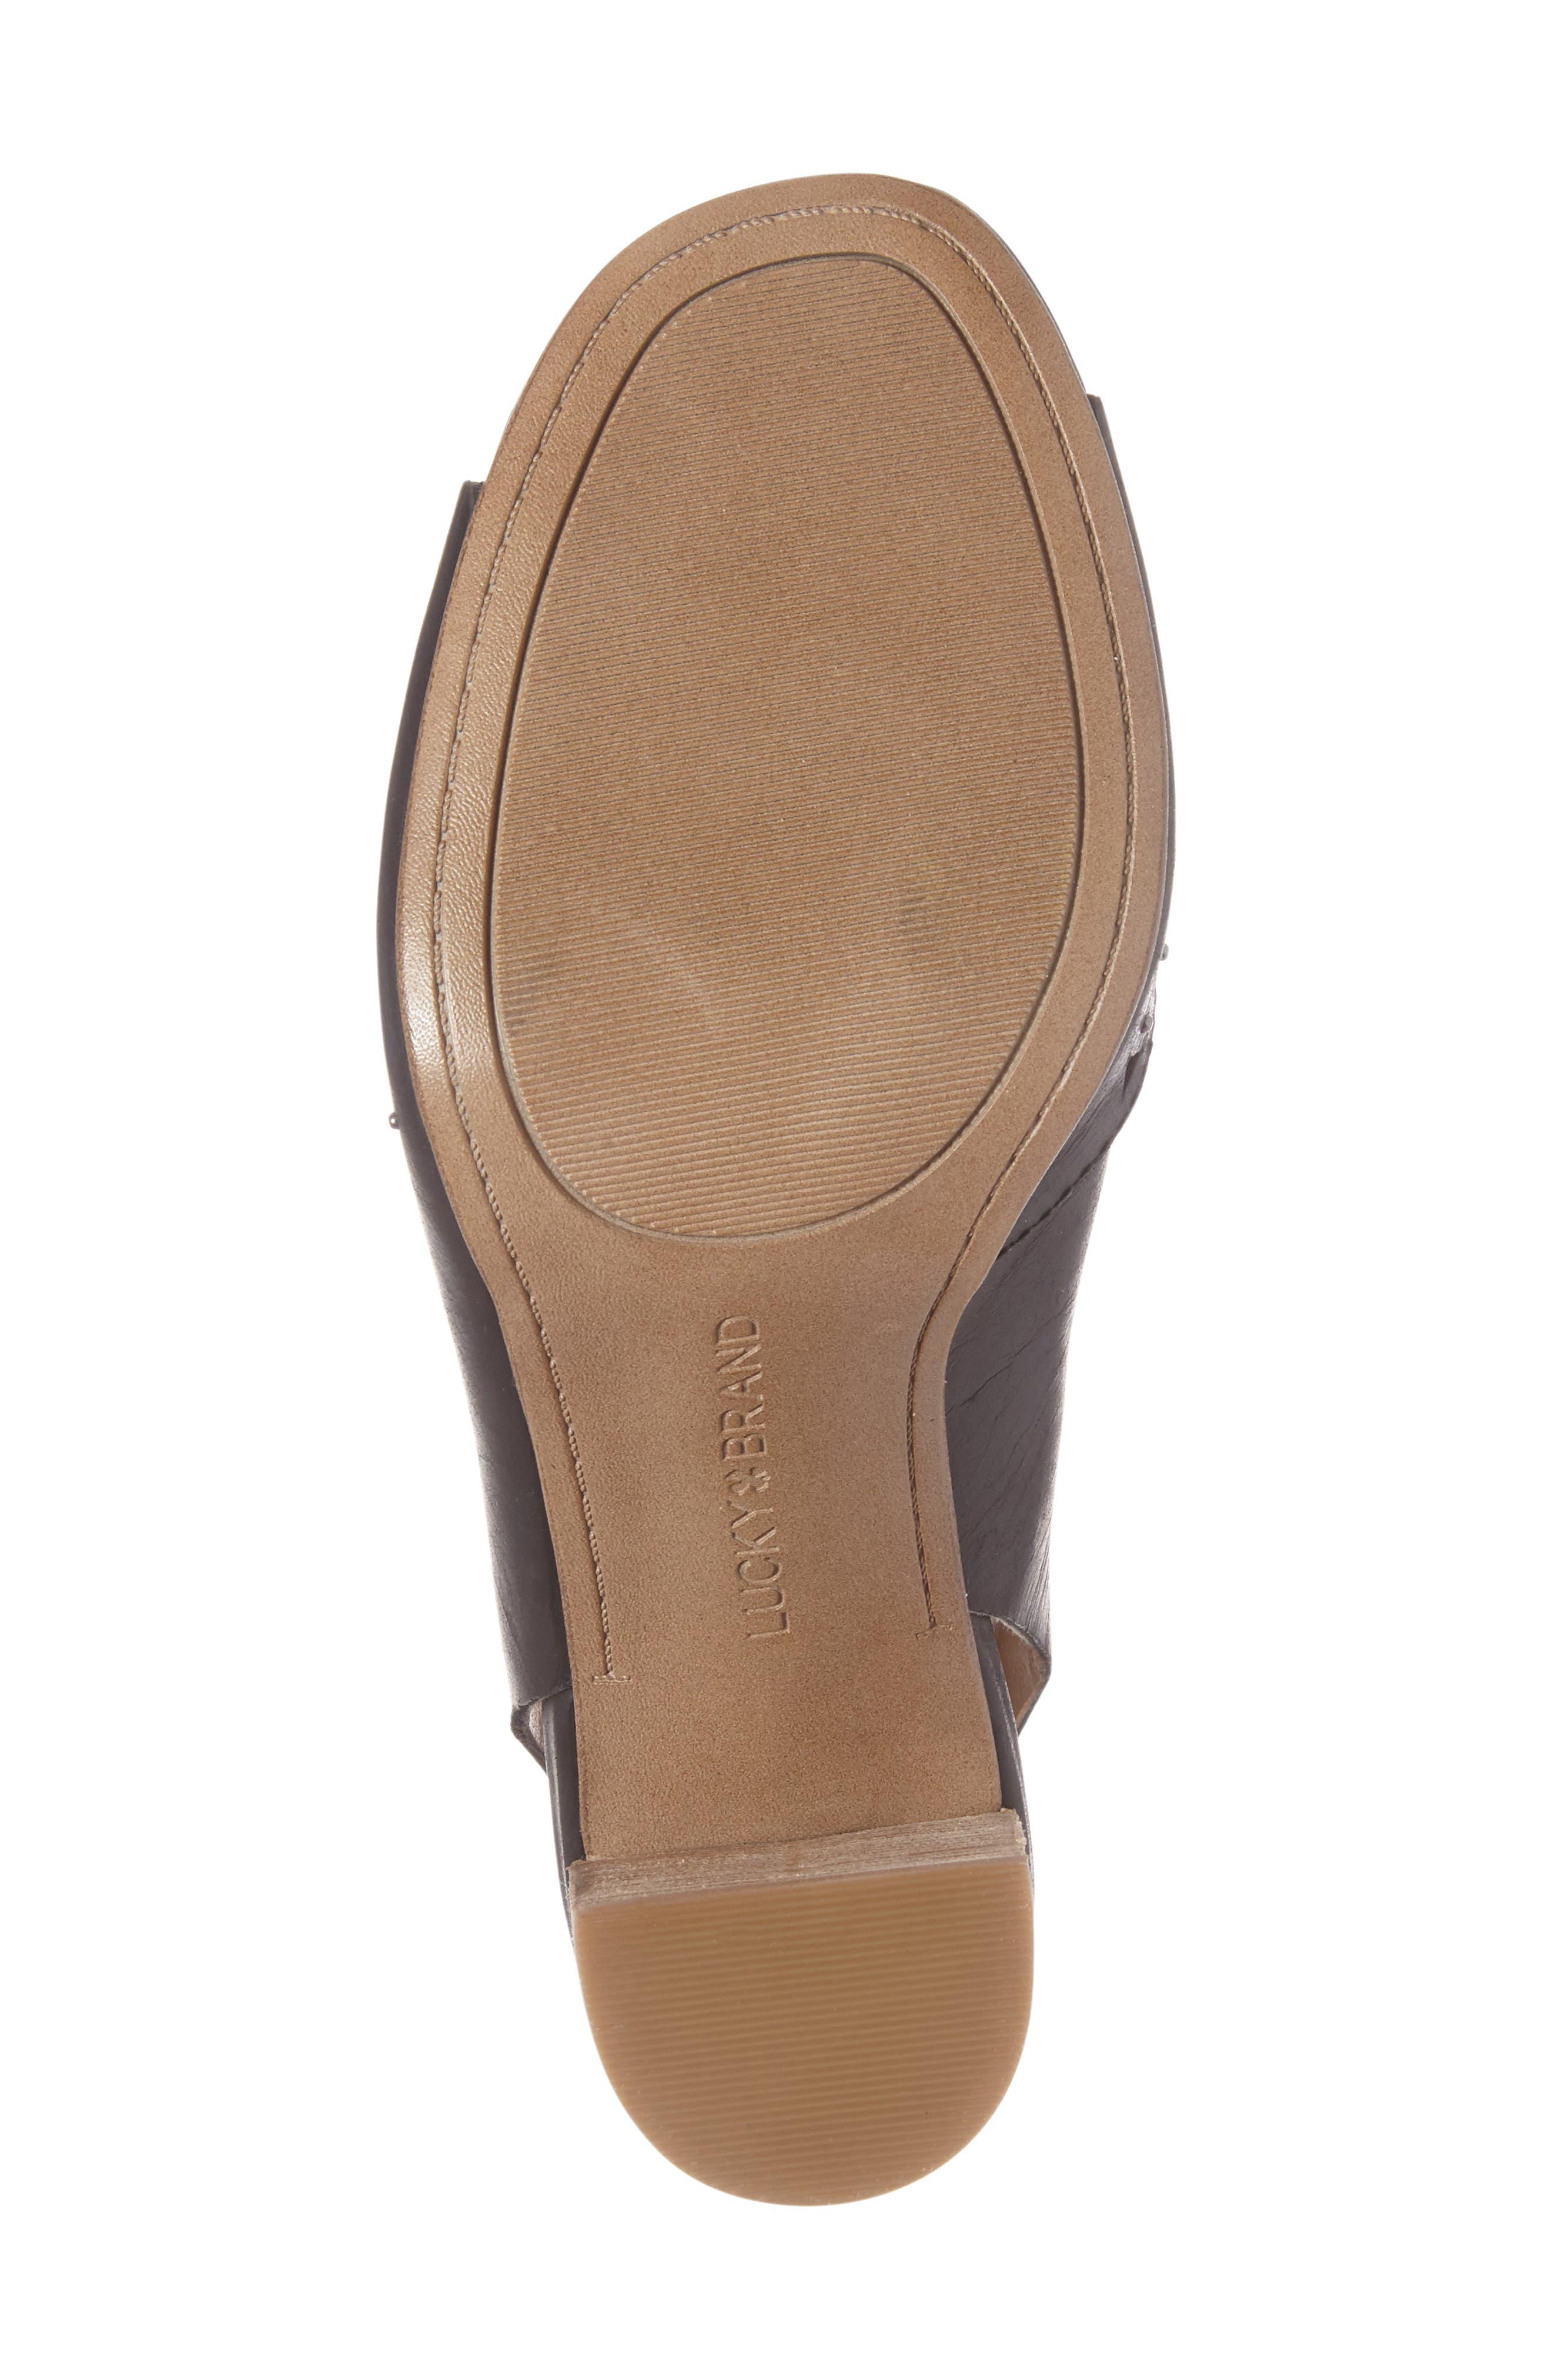 Tafia Lace-Up Sandal,                             Alternate thumbnail 4, color,                             001